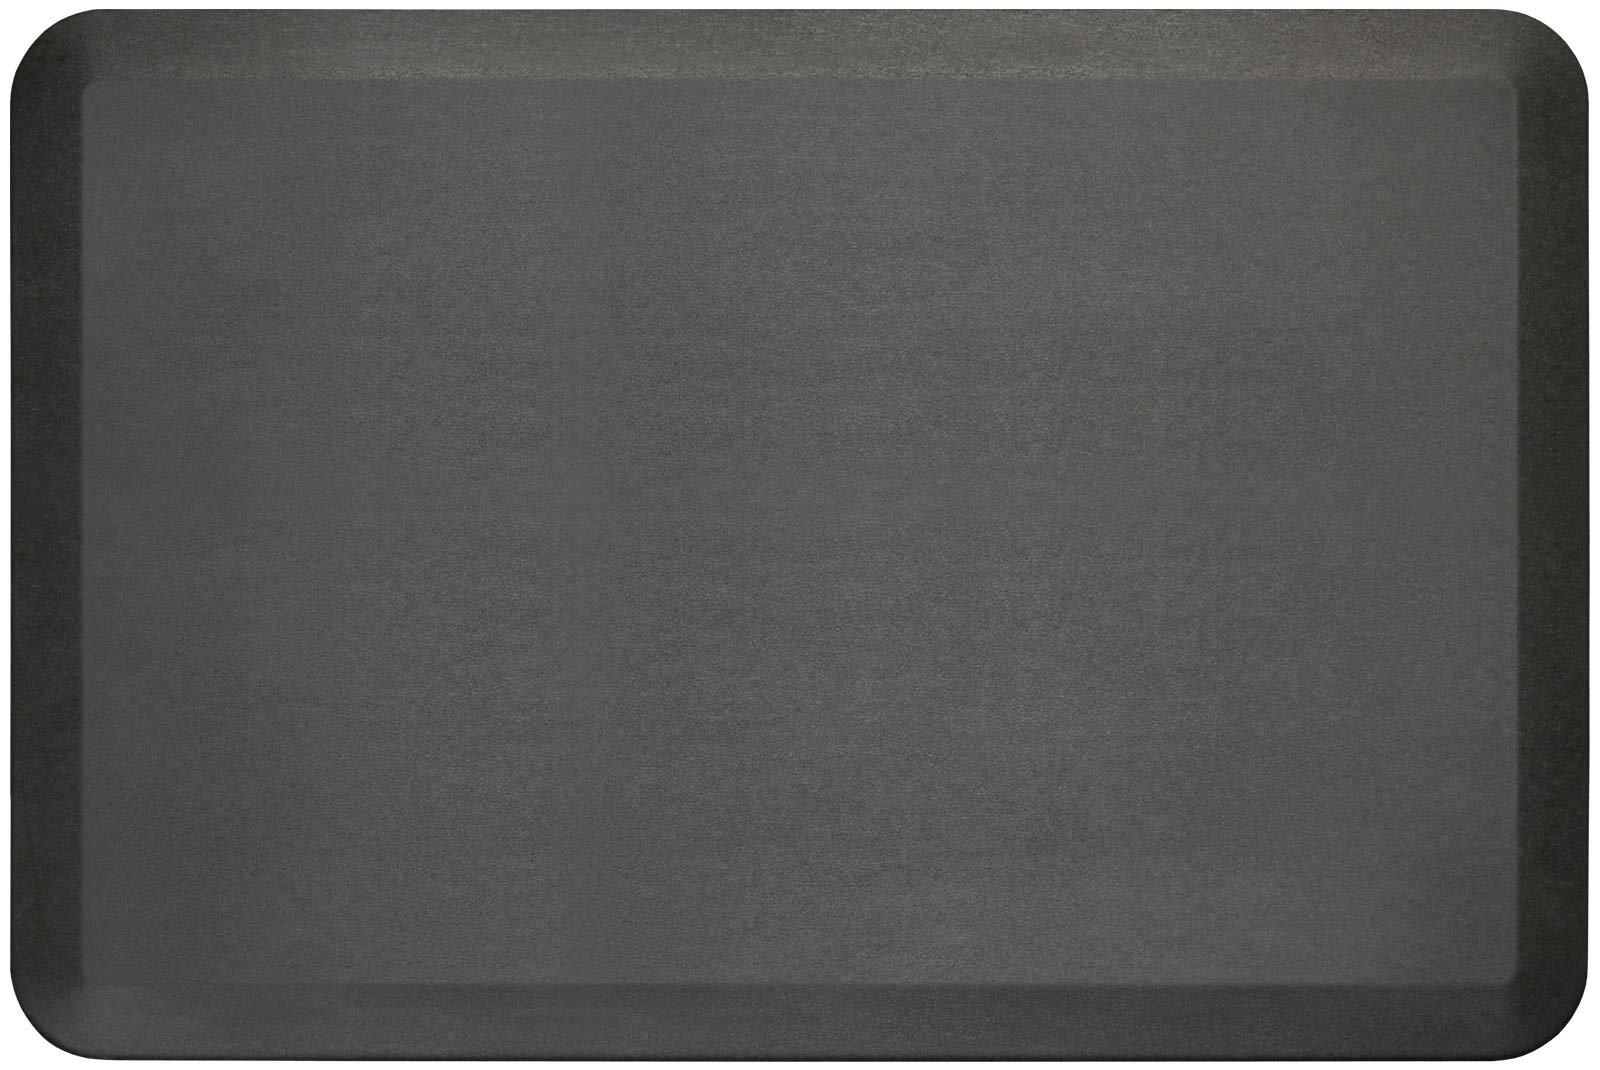 NewLife Eco-Pro Medical Anti-Fatigue Floor Mat - Size 24